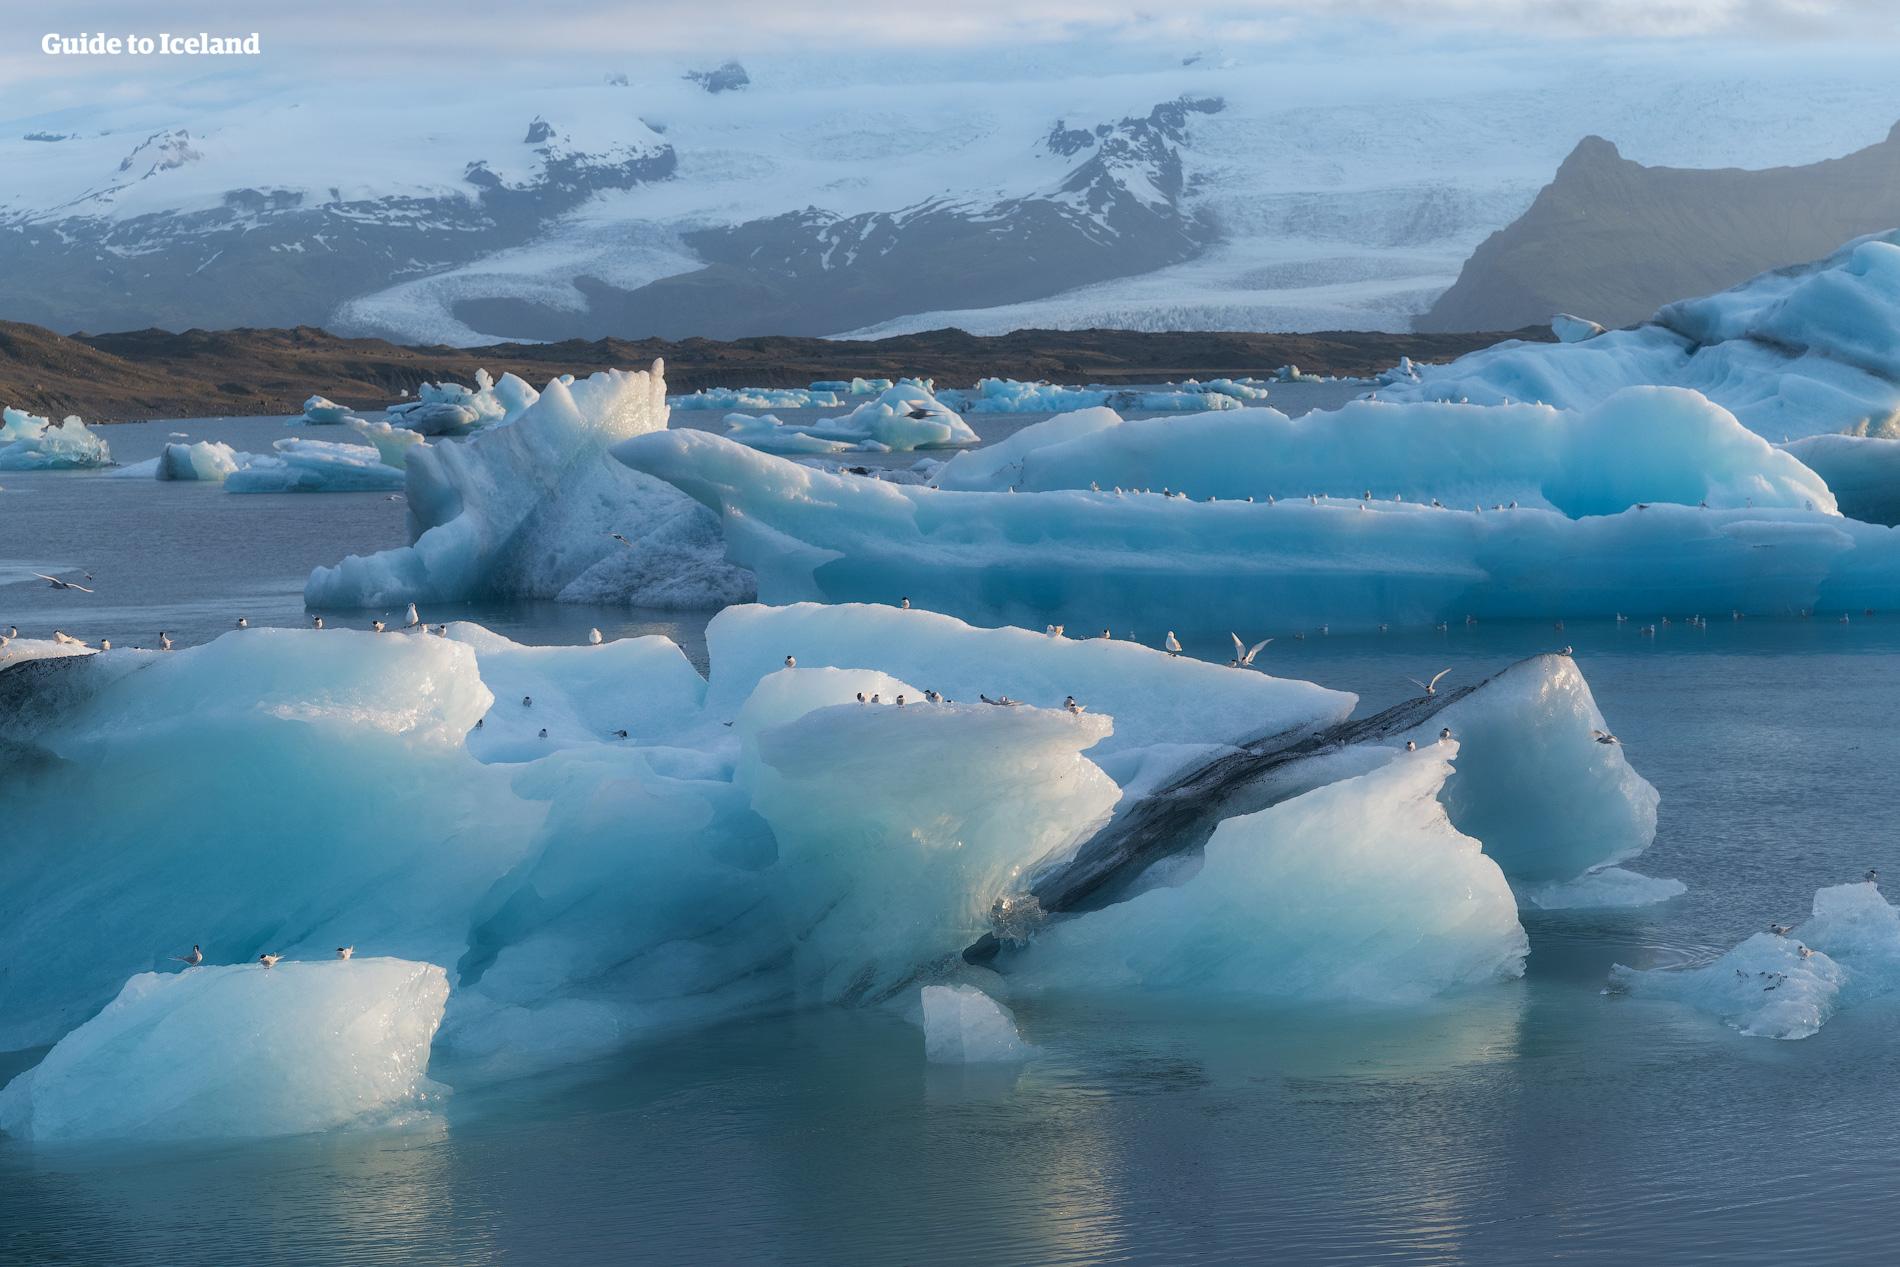 美得屏息的冰岛南部杰古沙龙冰河湖(Jökulsárlón)